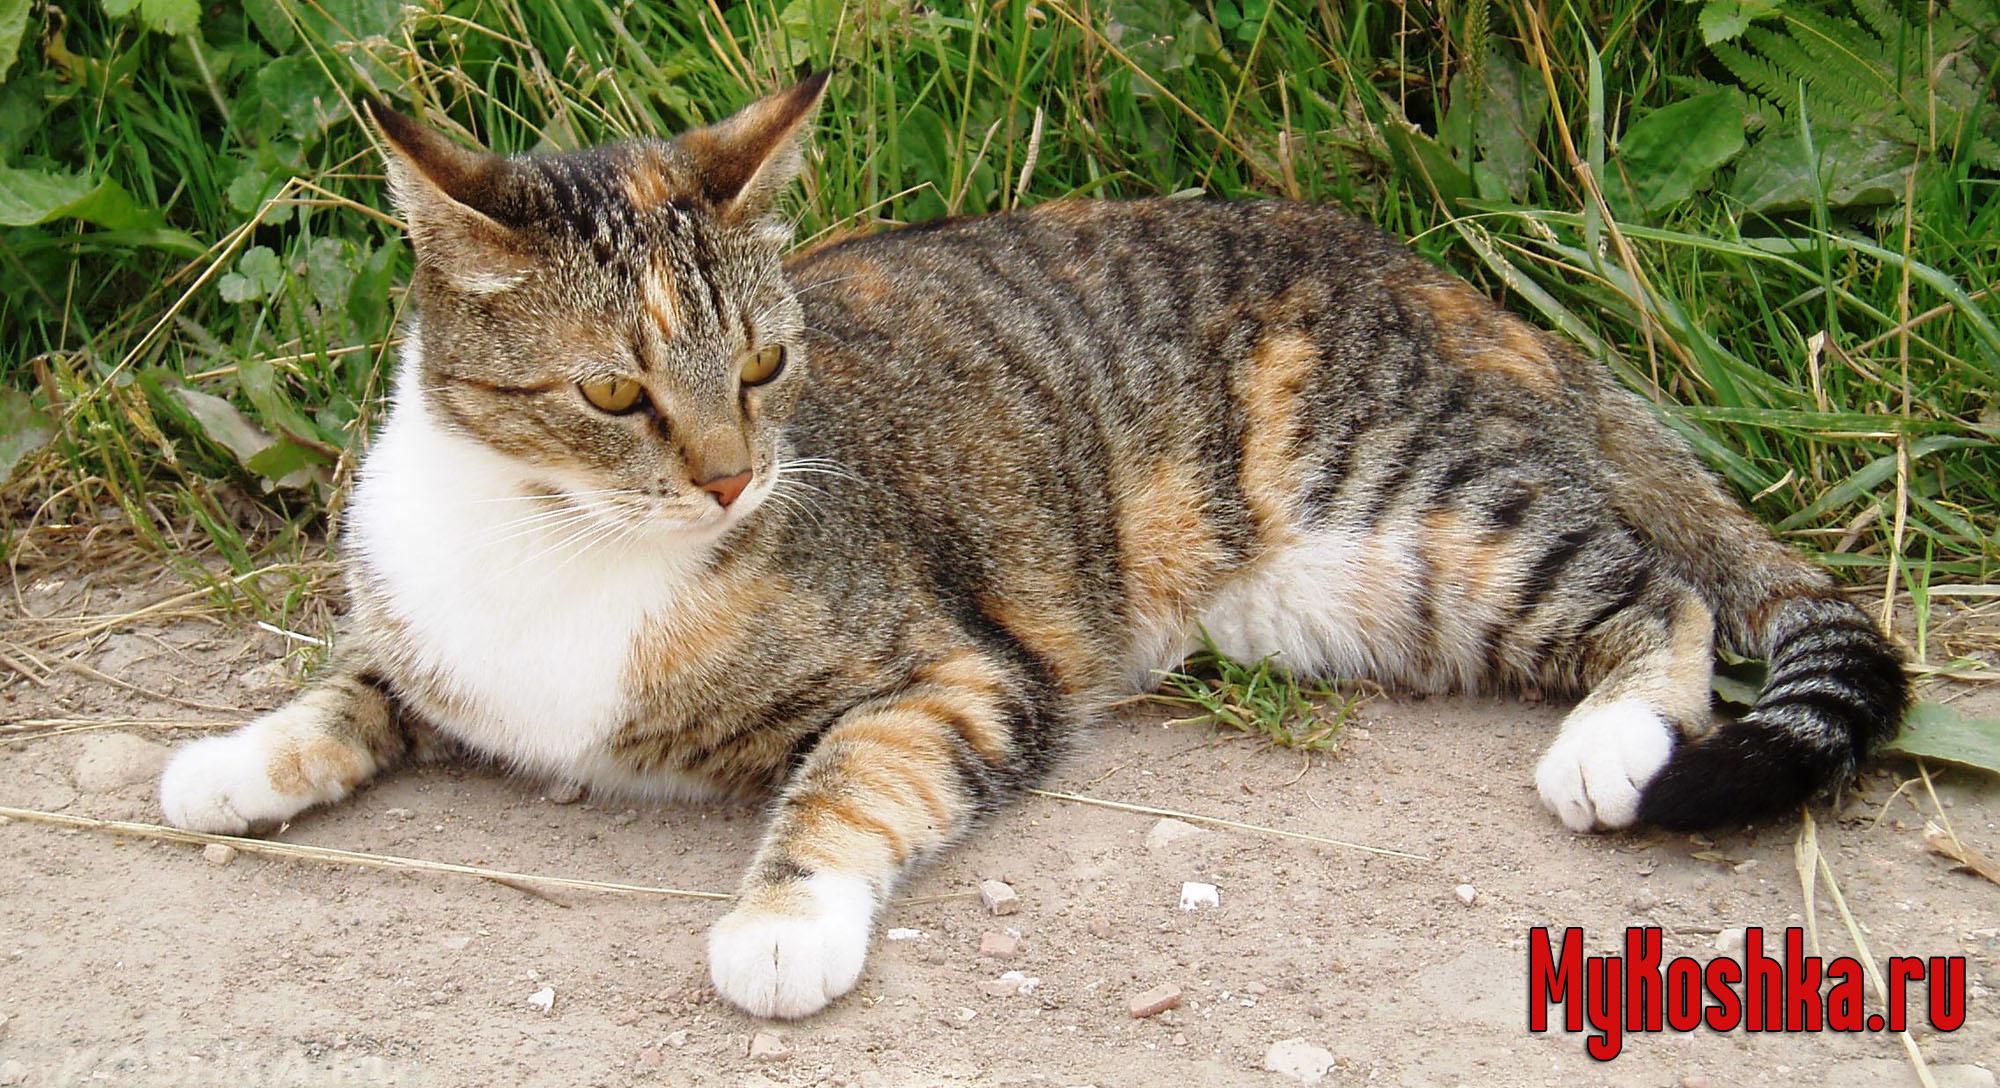 Как найти кота, если он убежал или потерялся на улице